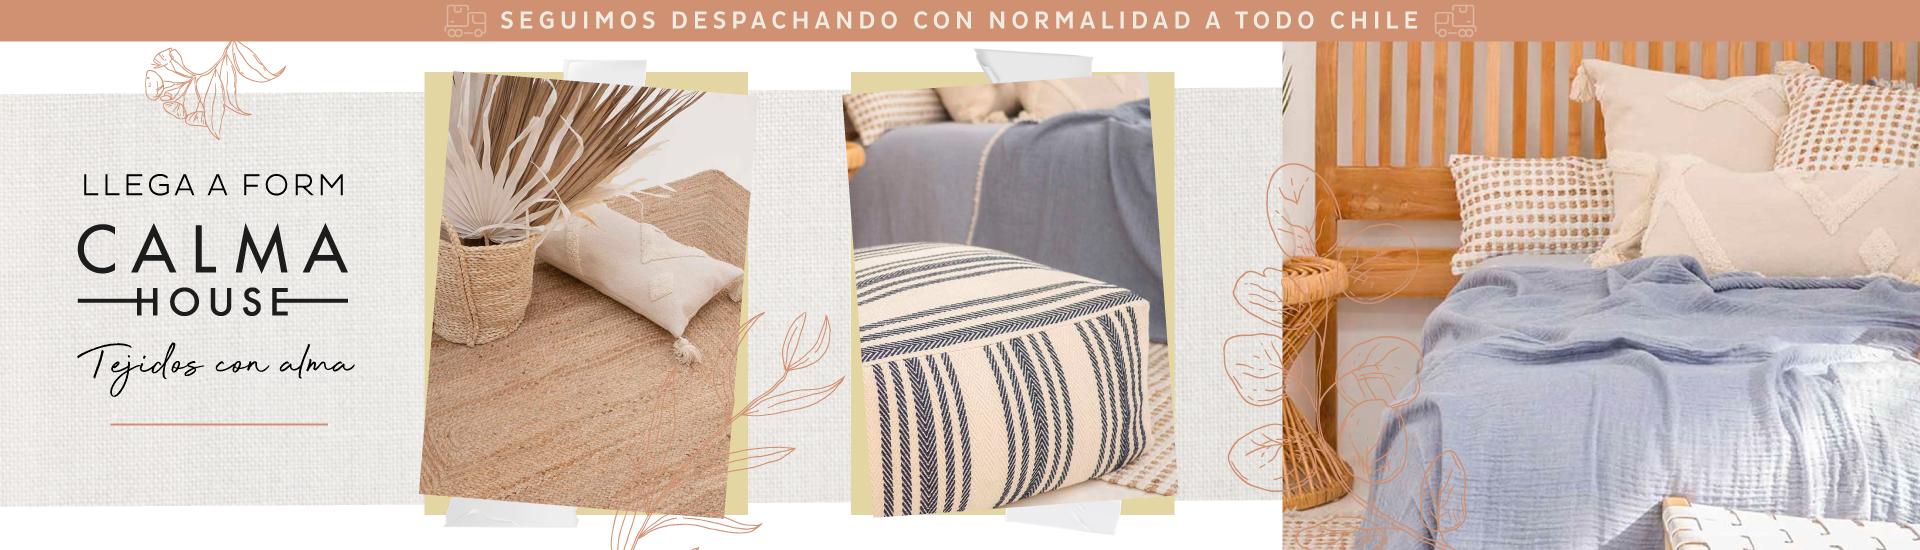 Calma House, tejidos con alma en Form Design